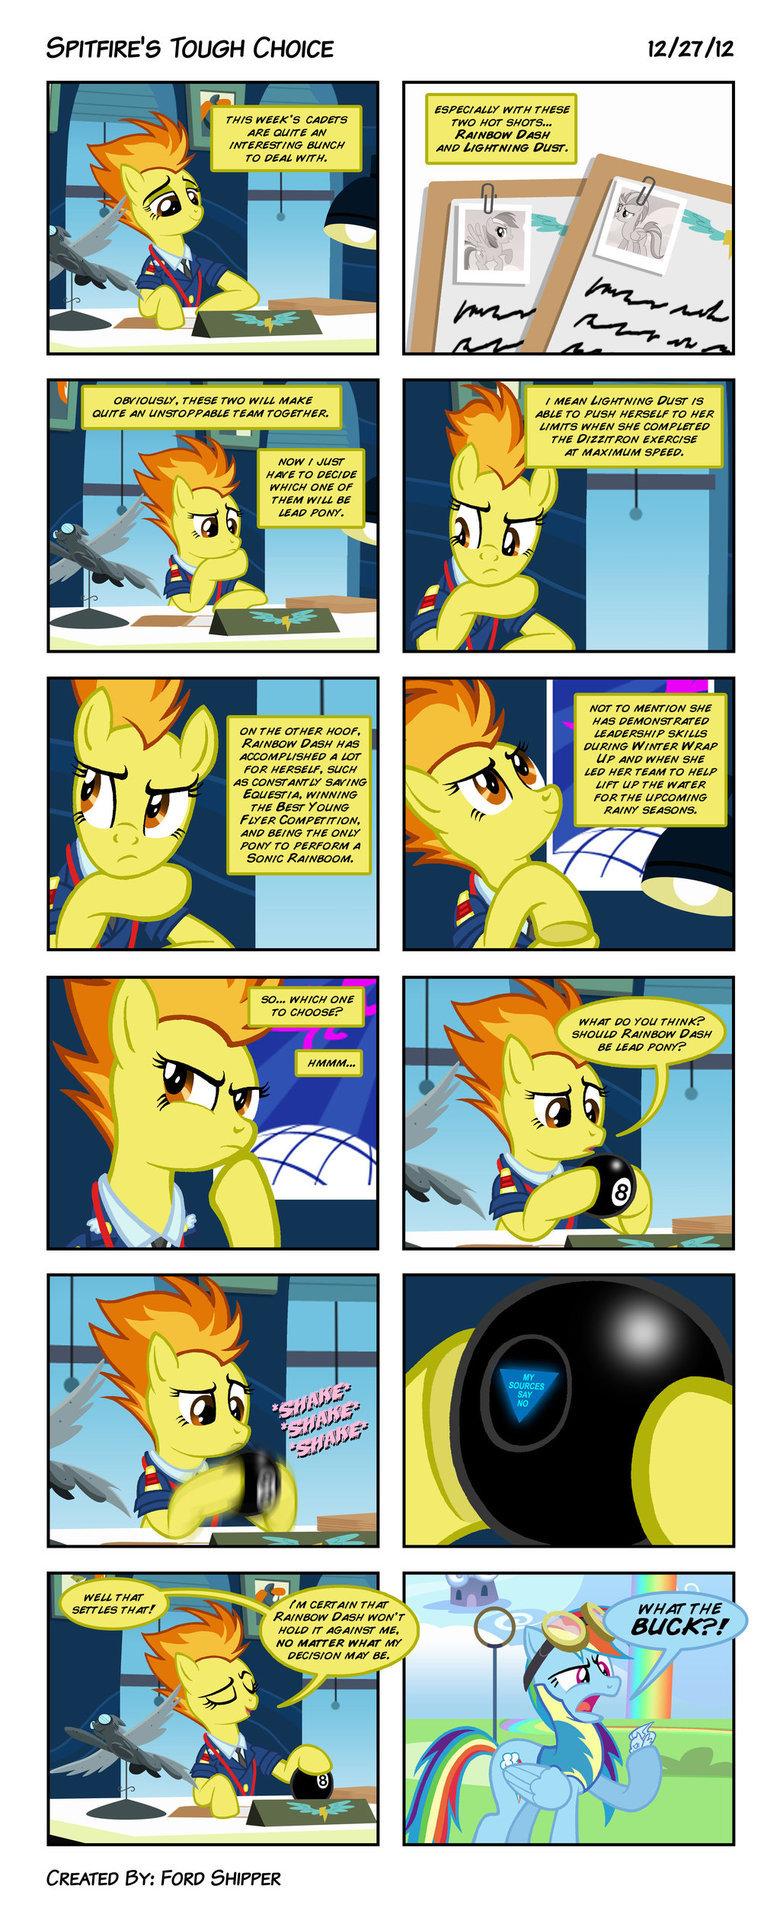 Spitfire's Tough Choice. mystic-forces.deviantart.com/art/Spit.... 5 TOUGH CHOICE / 27/ ESPER/ AMY WIT}! Y}/ ESE was WEEK' S was we pm Scareh.. Ra/ mow new re D ponies comic